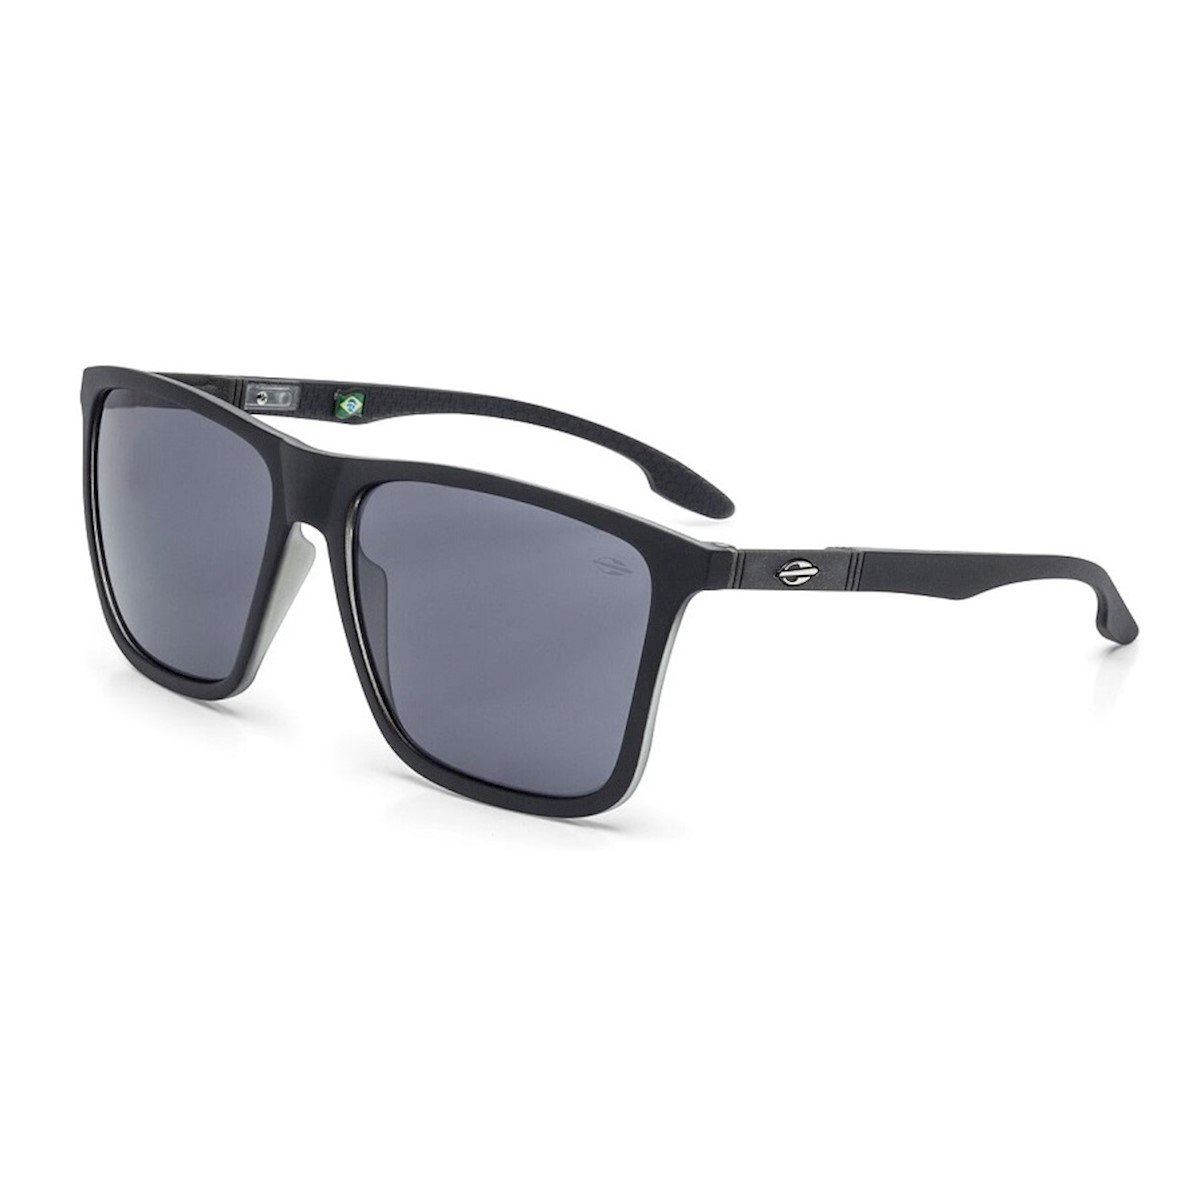 c4a989121214a Óculos de Sol Mormaii Hawaii Polarizado - Compre Agora